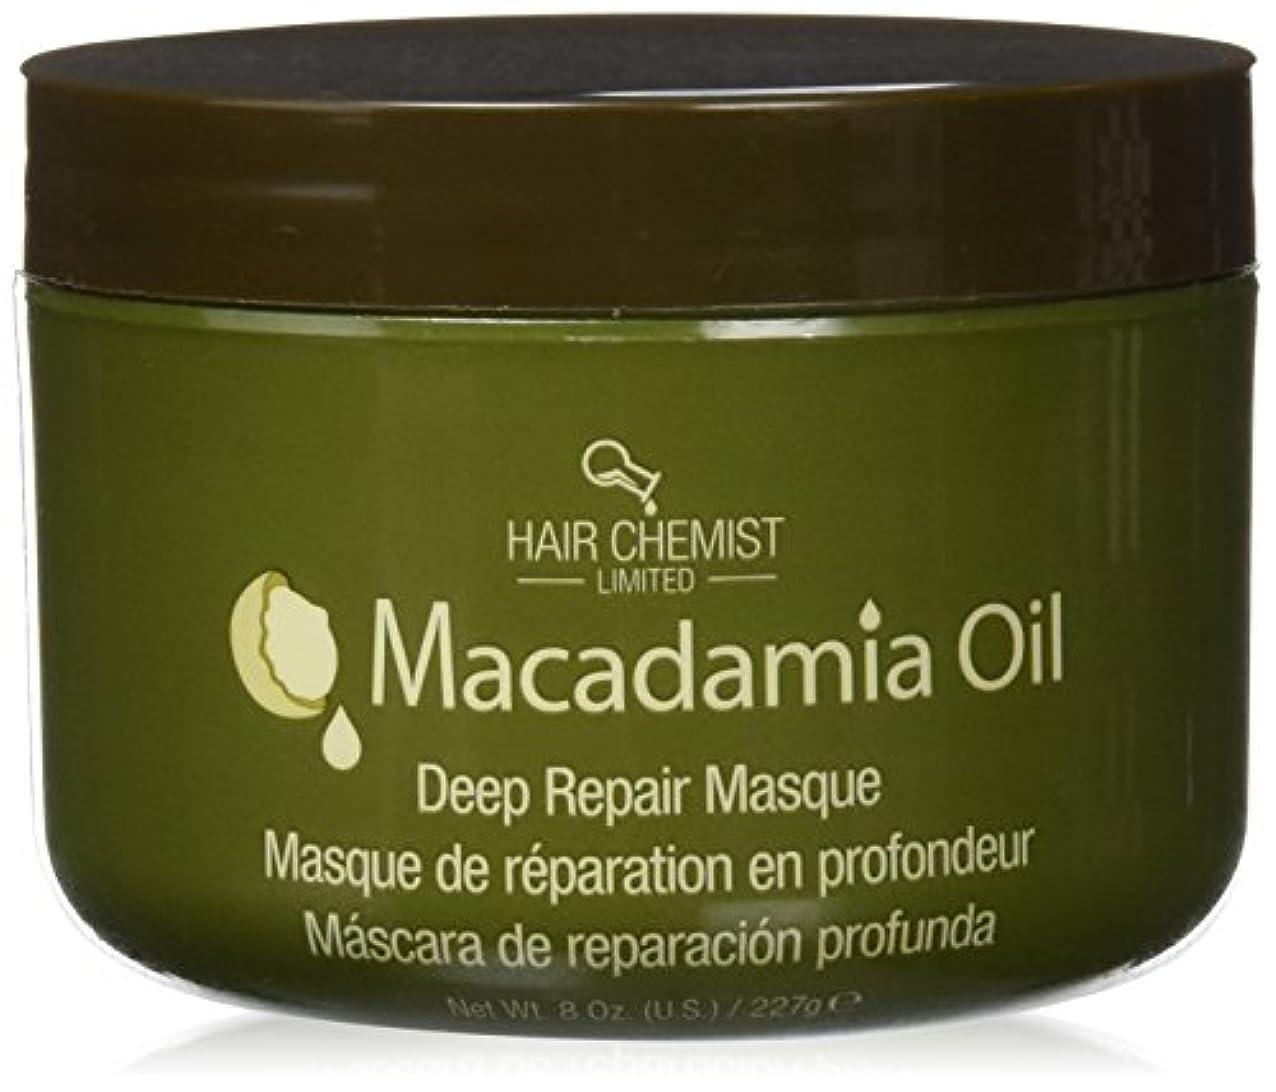 難民ダメージ受けるHair Chemist ヘアマスク マカダミア オイル ディープリペアマスク 227g Macadamia Oil Deep Repair Mask 1434 New York